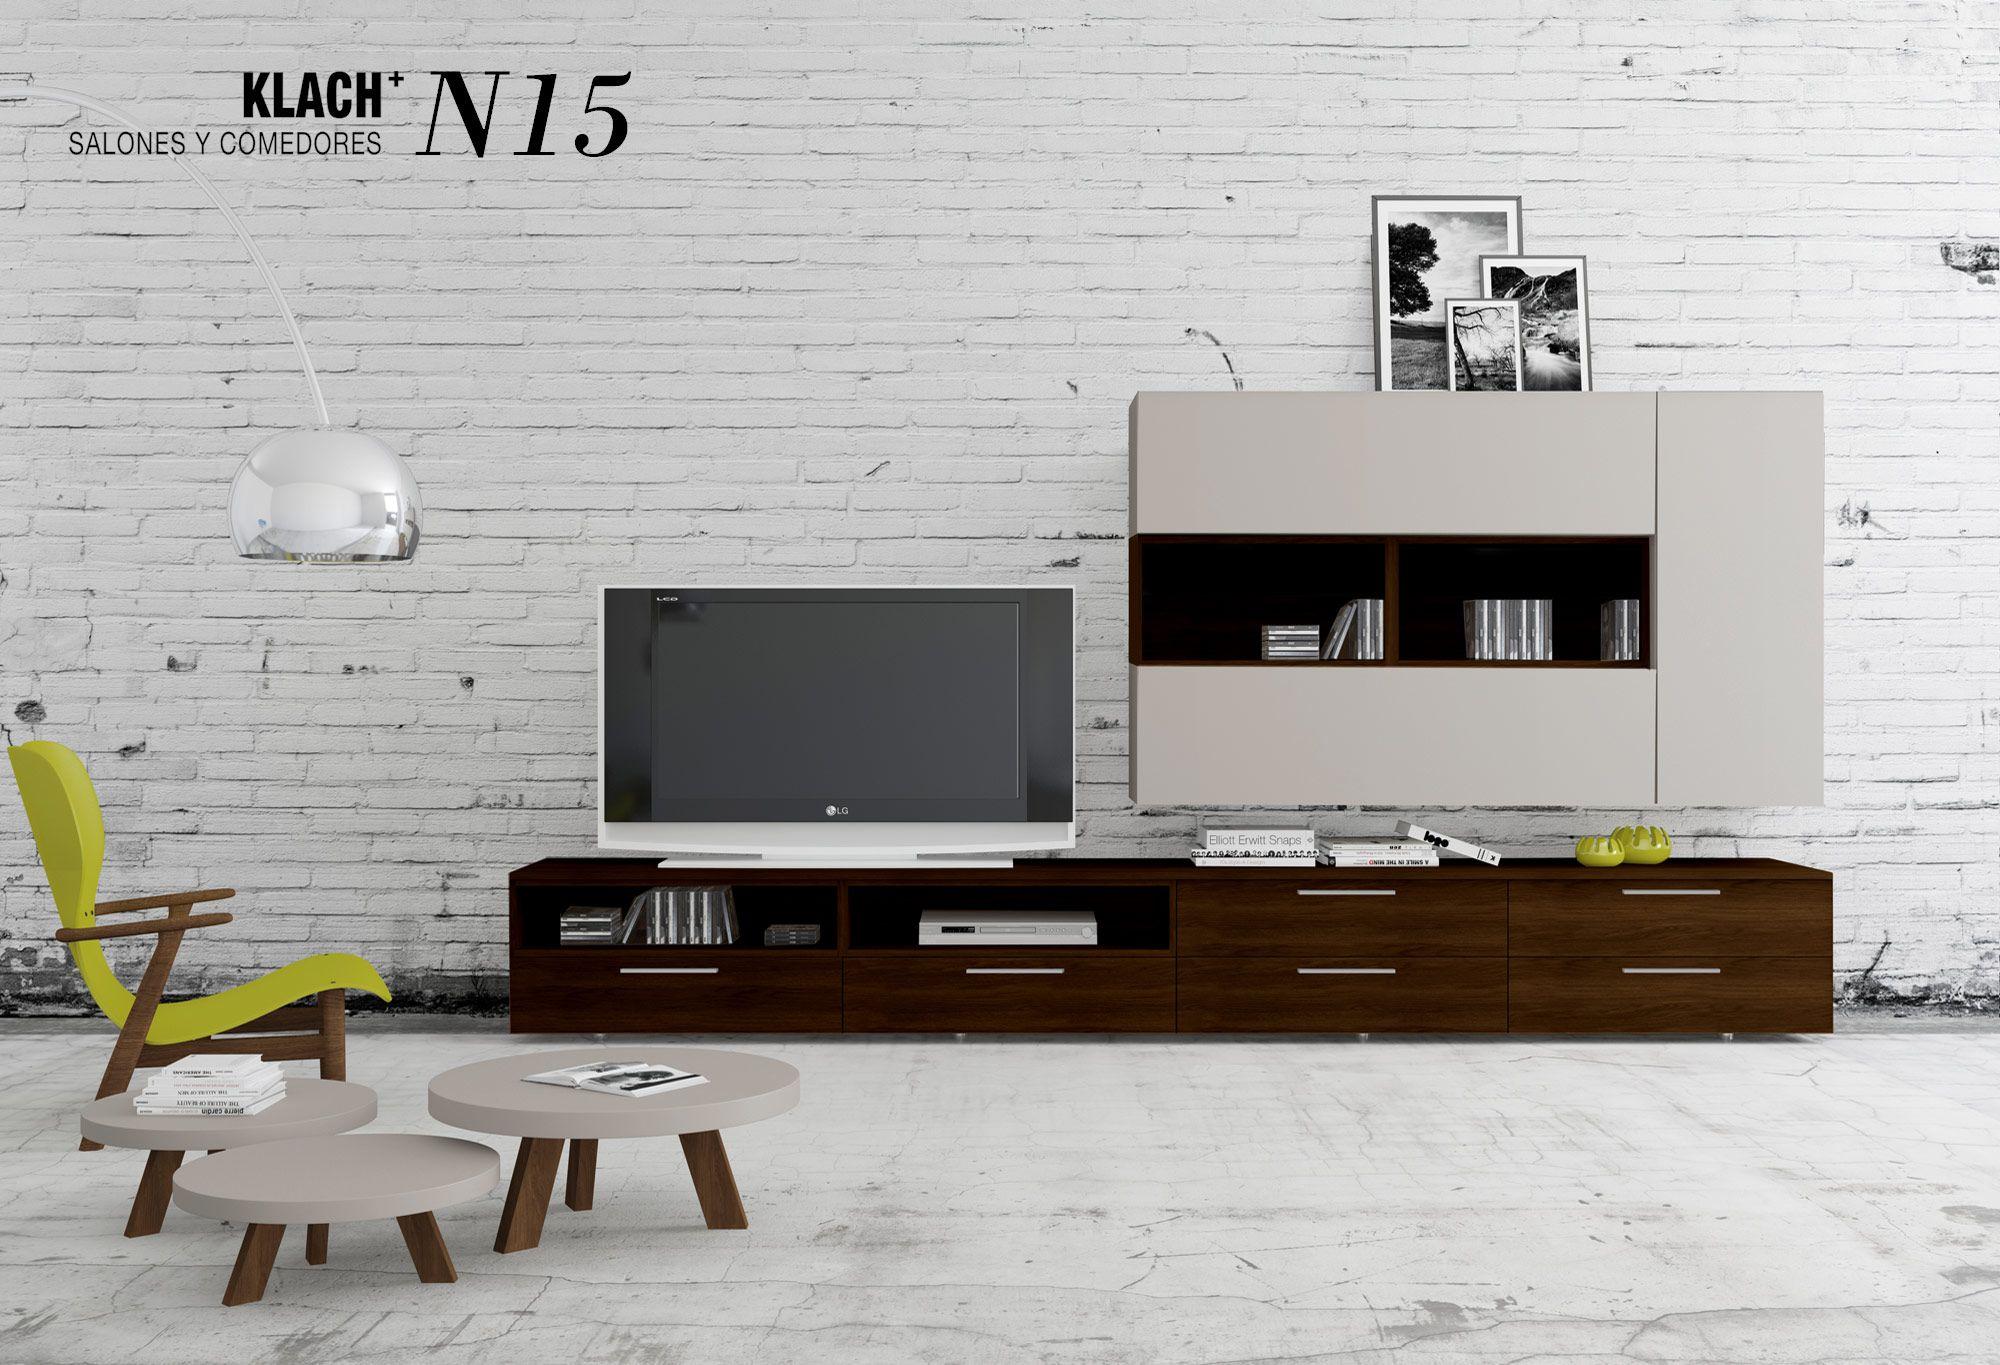 Klach n15 muebles hermida muebles de sal n y comedor klach pinterest muebles - Hermida muebles ...